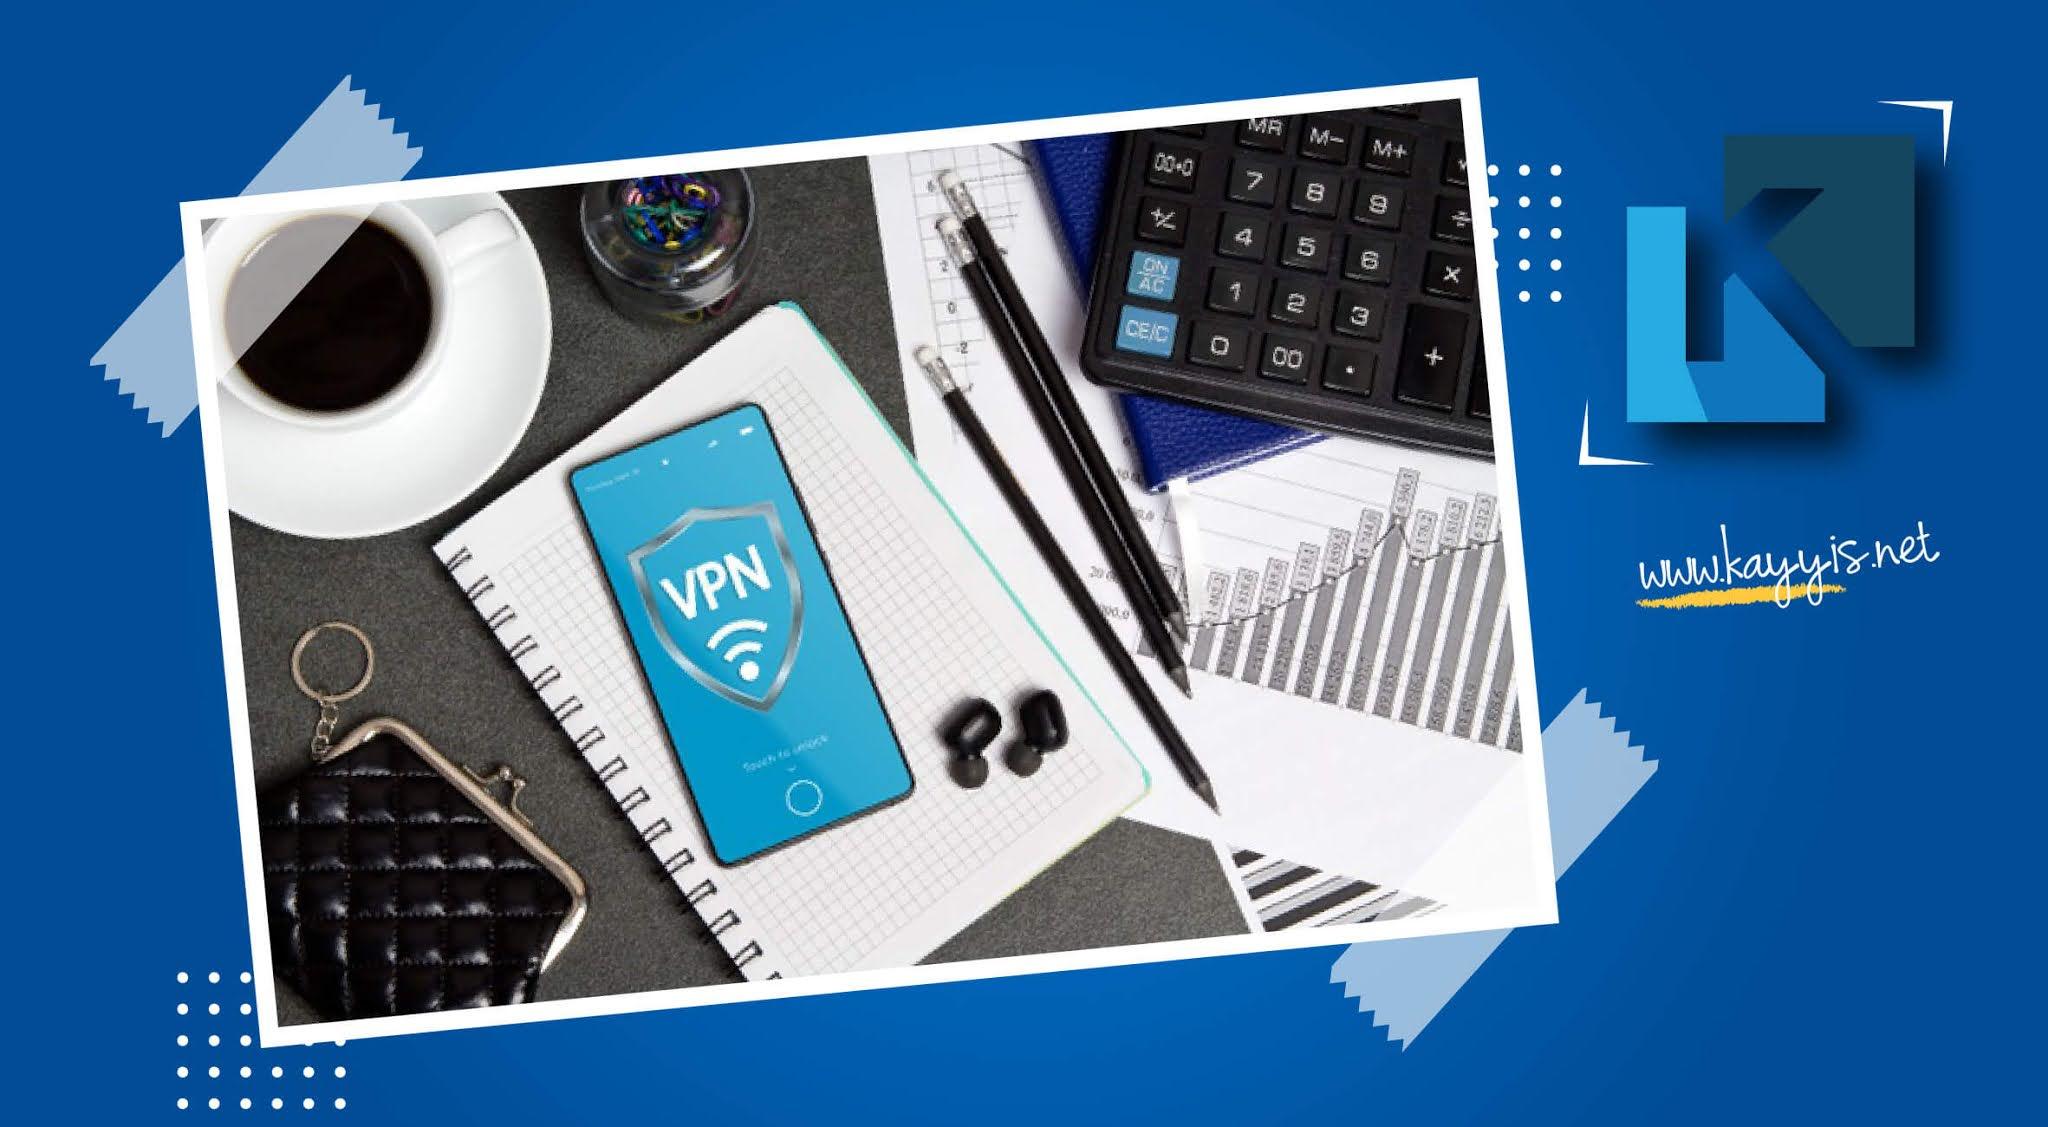 Akun VPN Premium atau VPN Pro Free Tanpa Harus Beli